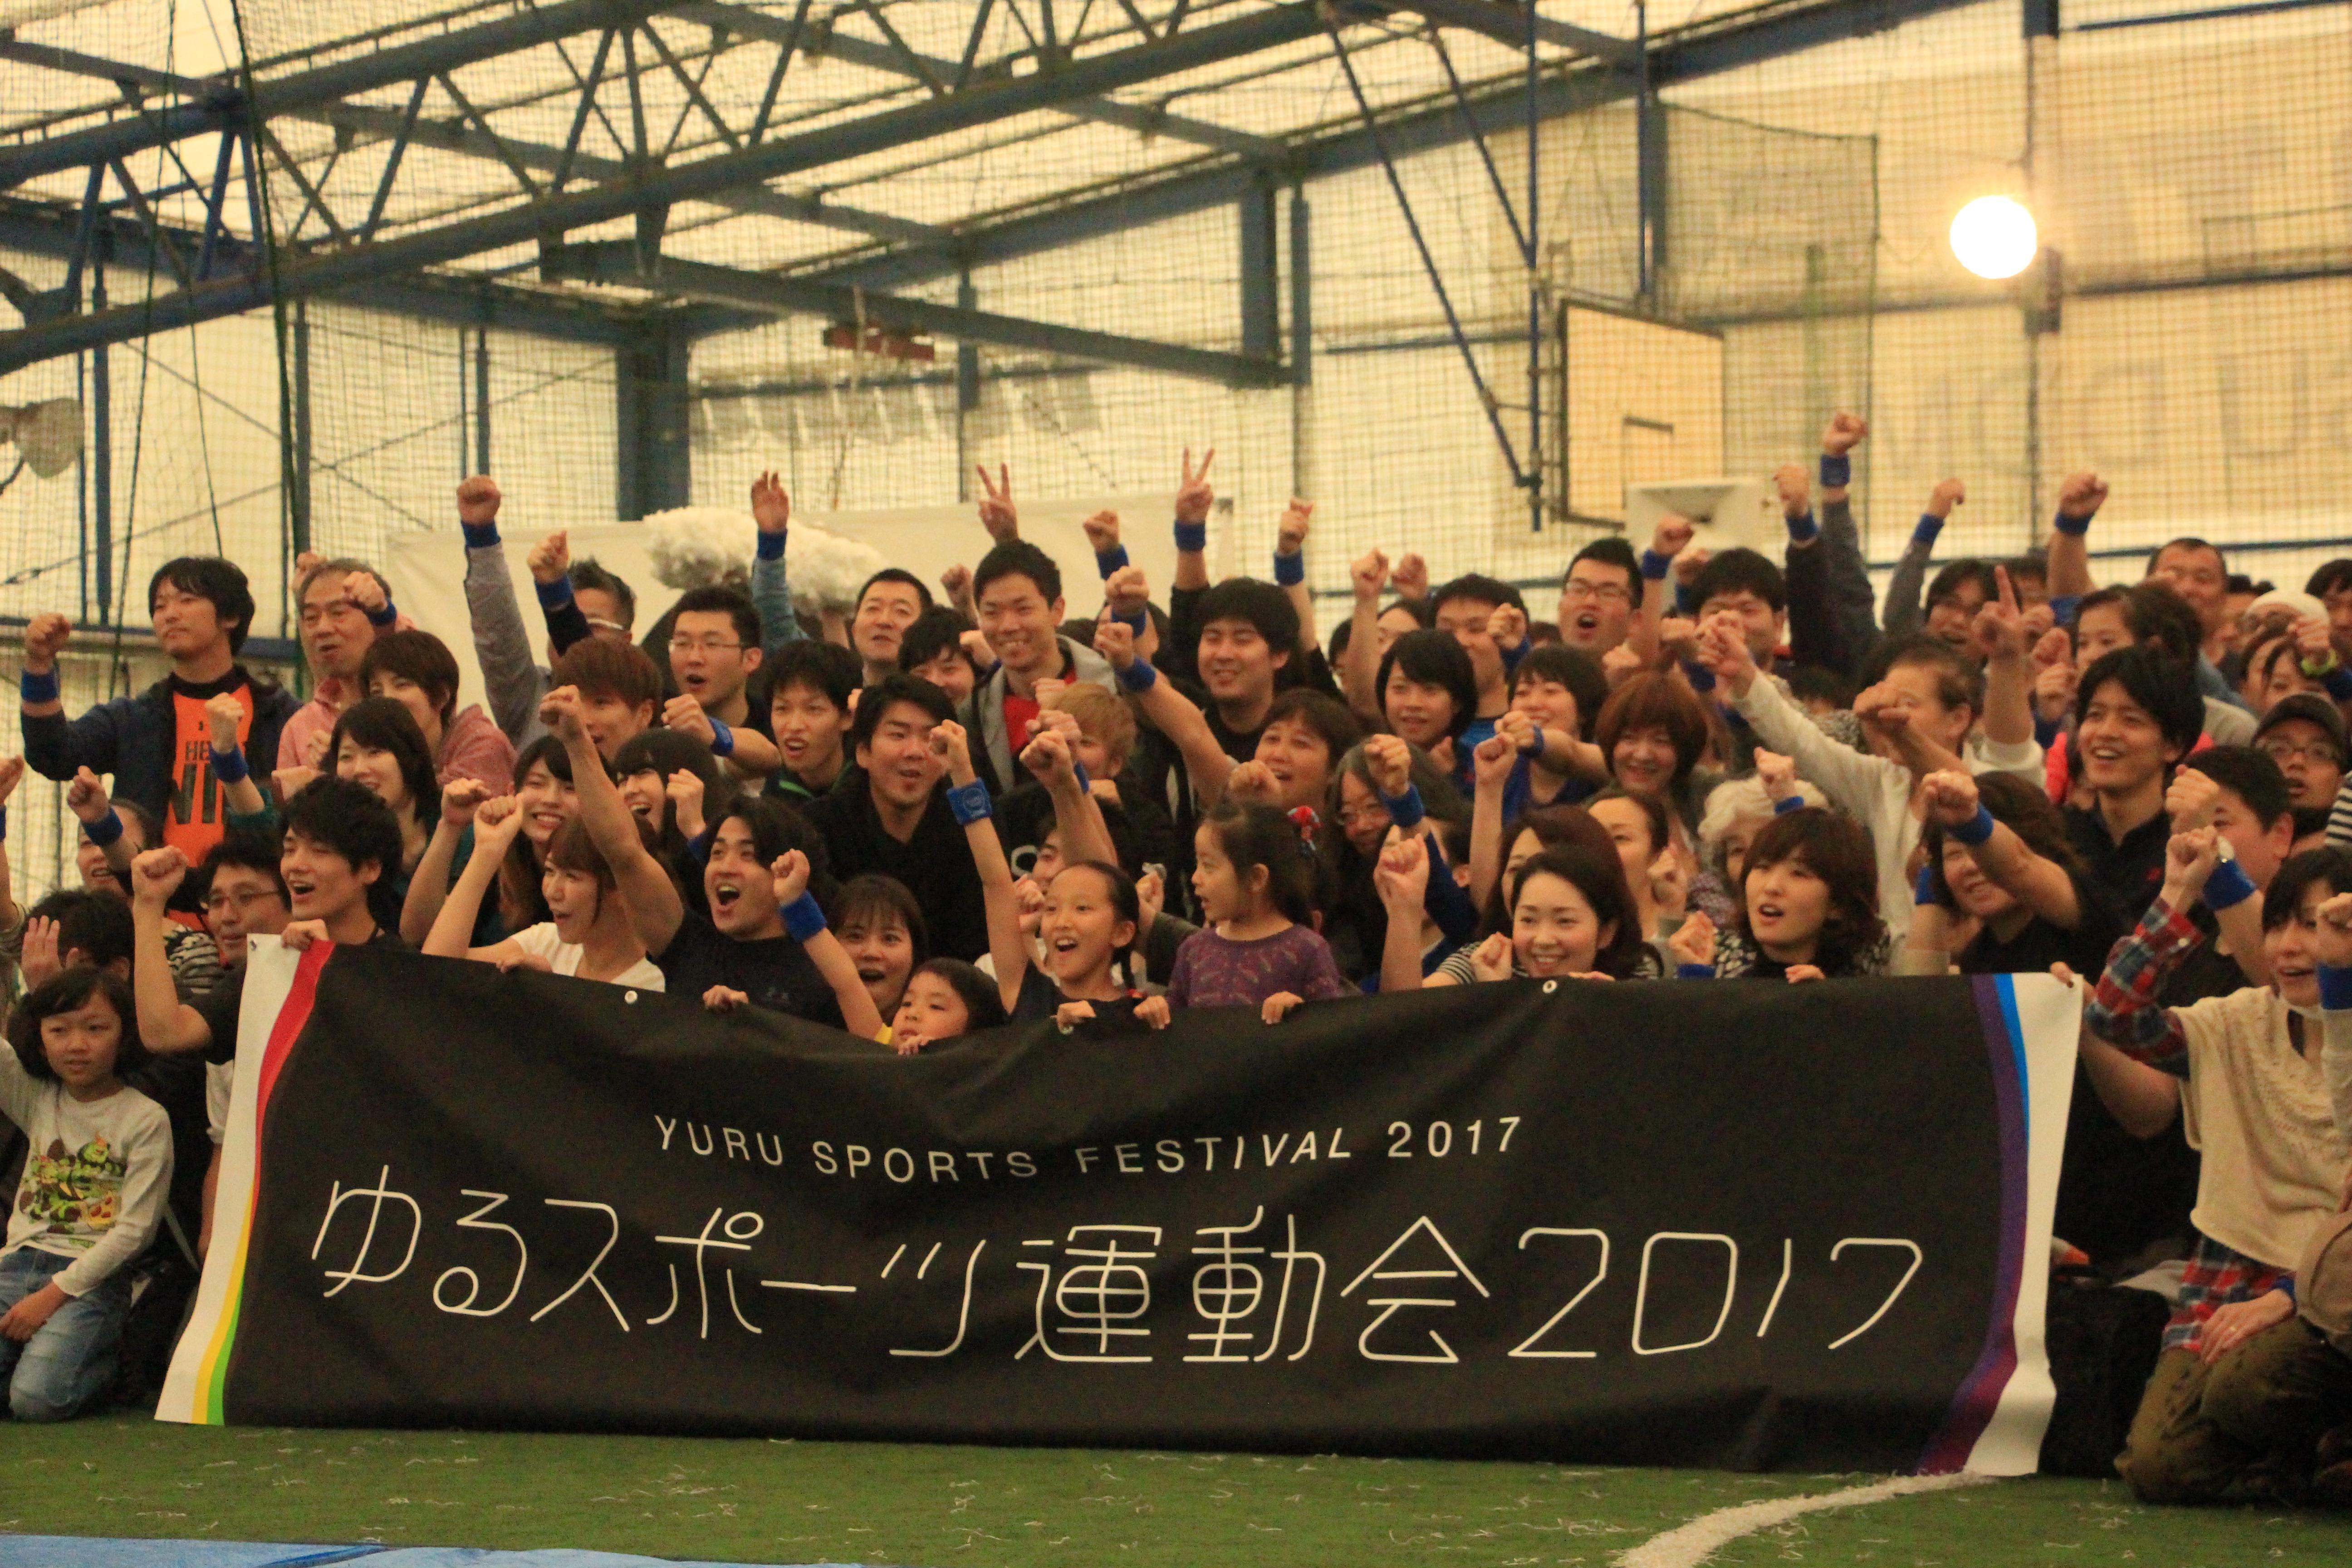 ゆるスポーツ運動会2017で今話題のゆるスポーツを体験!